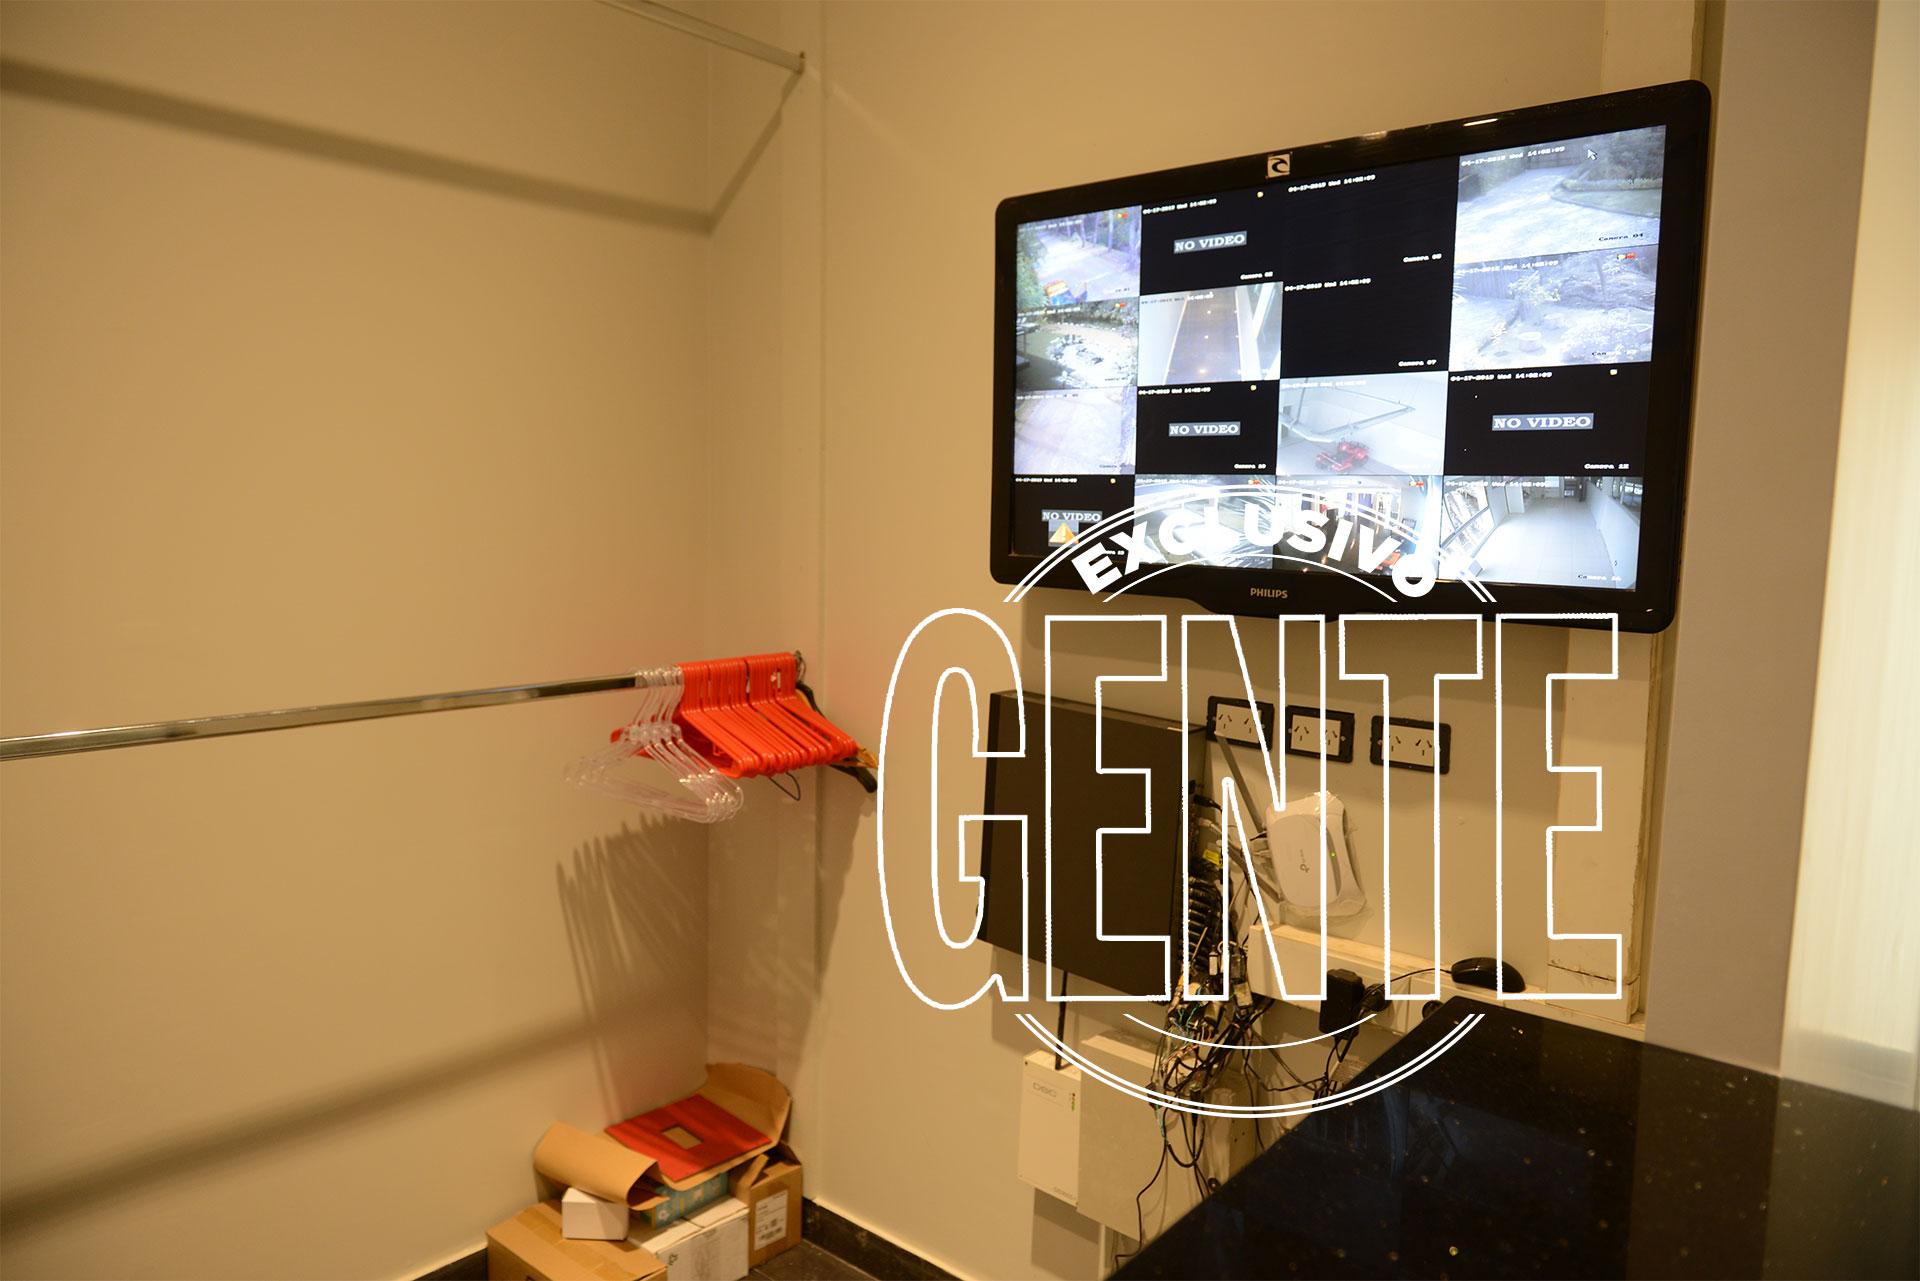 La pantalla con las cámaras de seguridad de Xanadú, en el guardarropas. Foto: Julio César Ruiz/GENTE